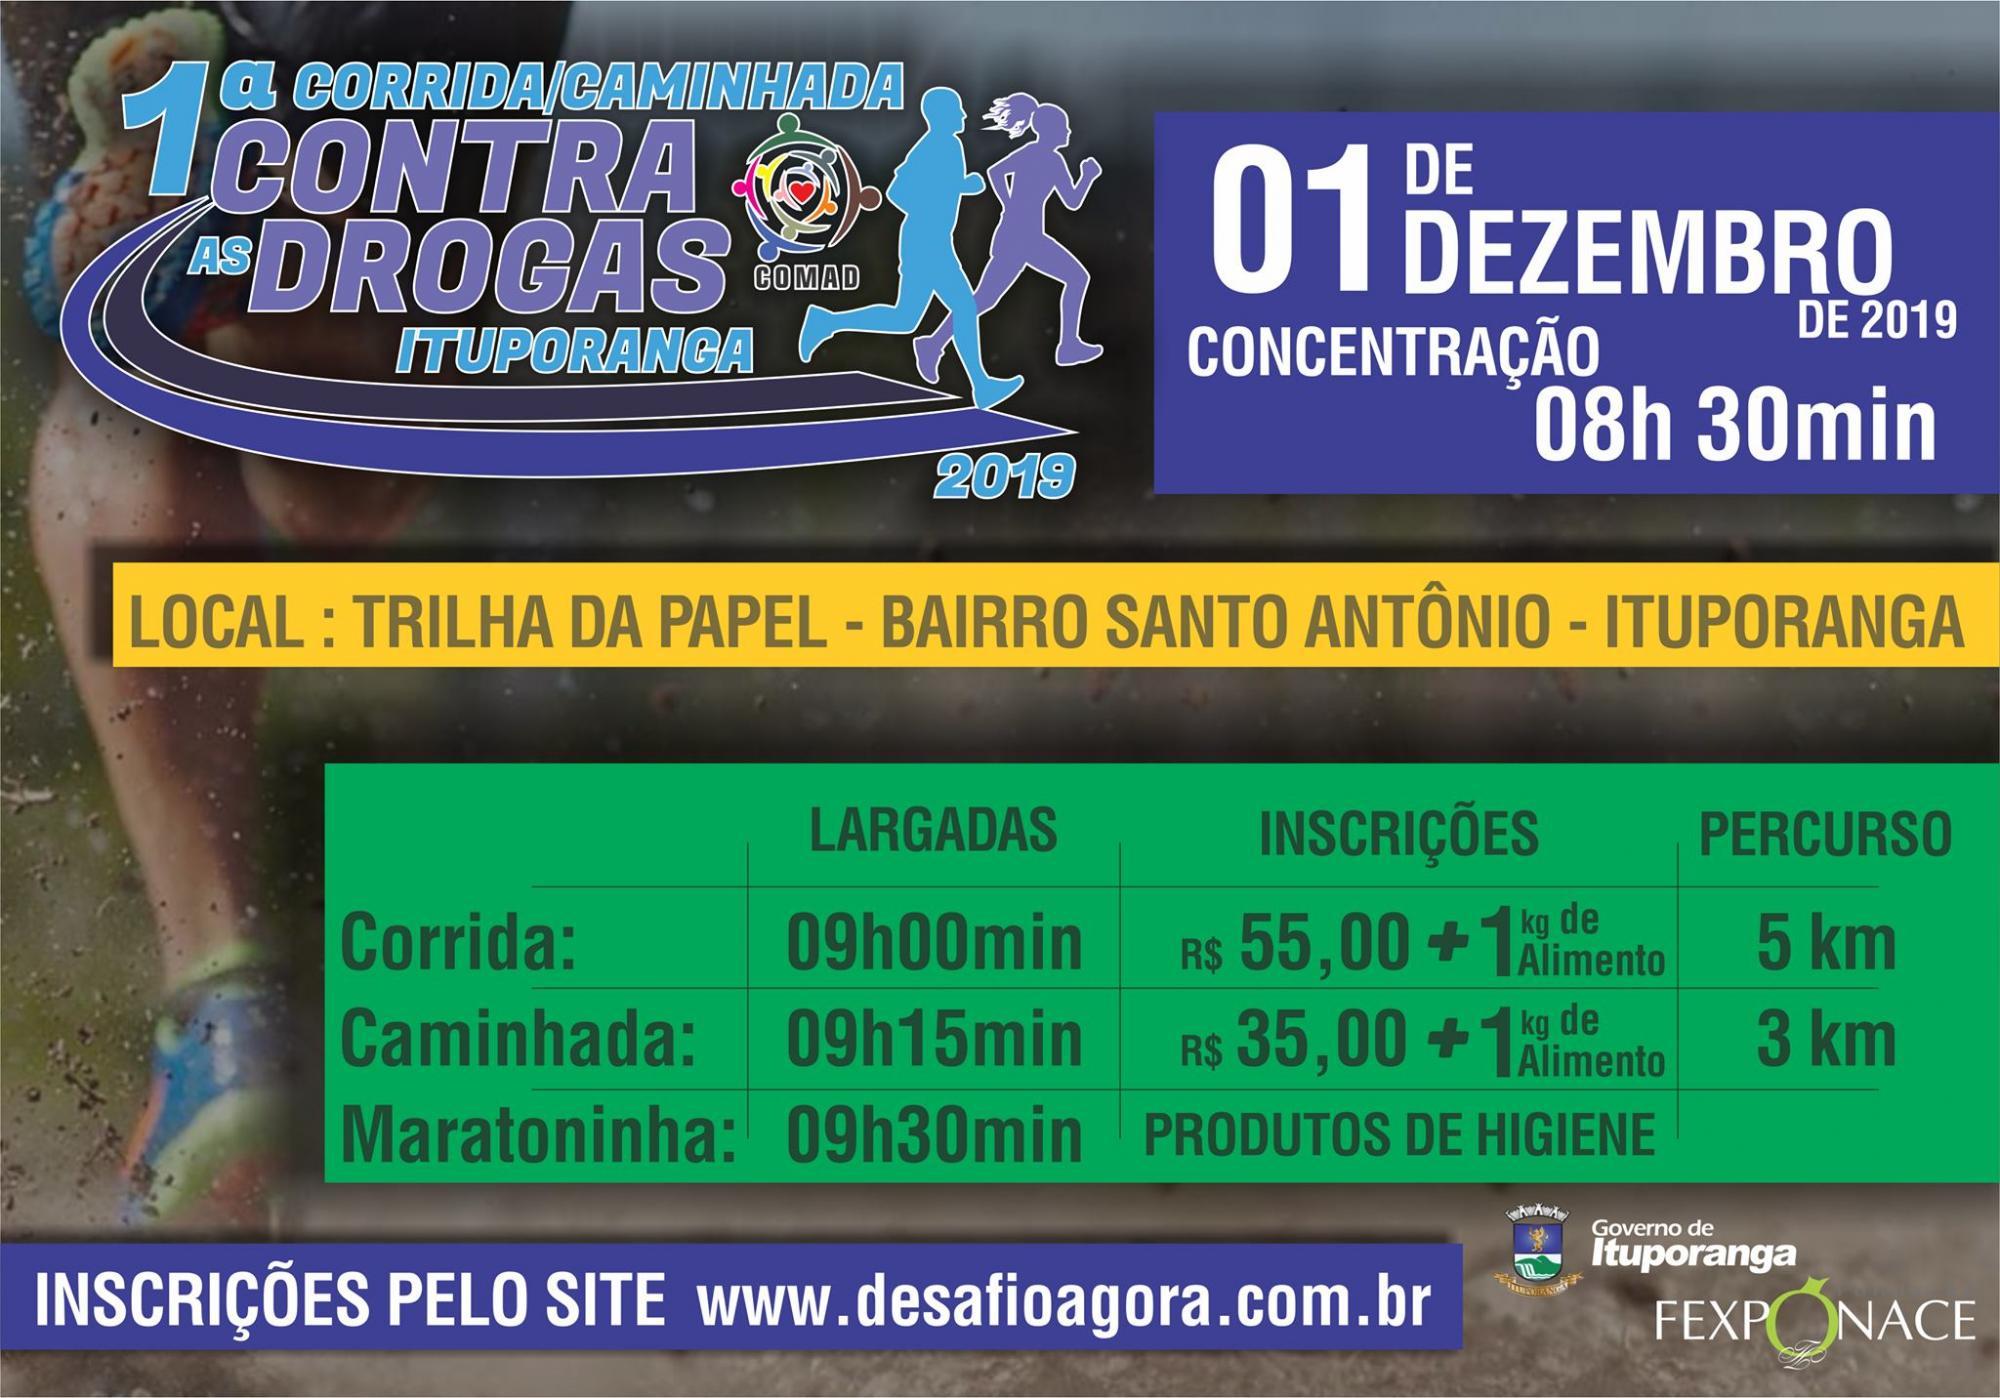 Comad de Ituporanga promove corrida e caminhada contra as drogas